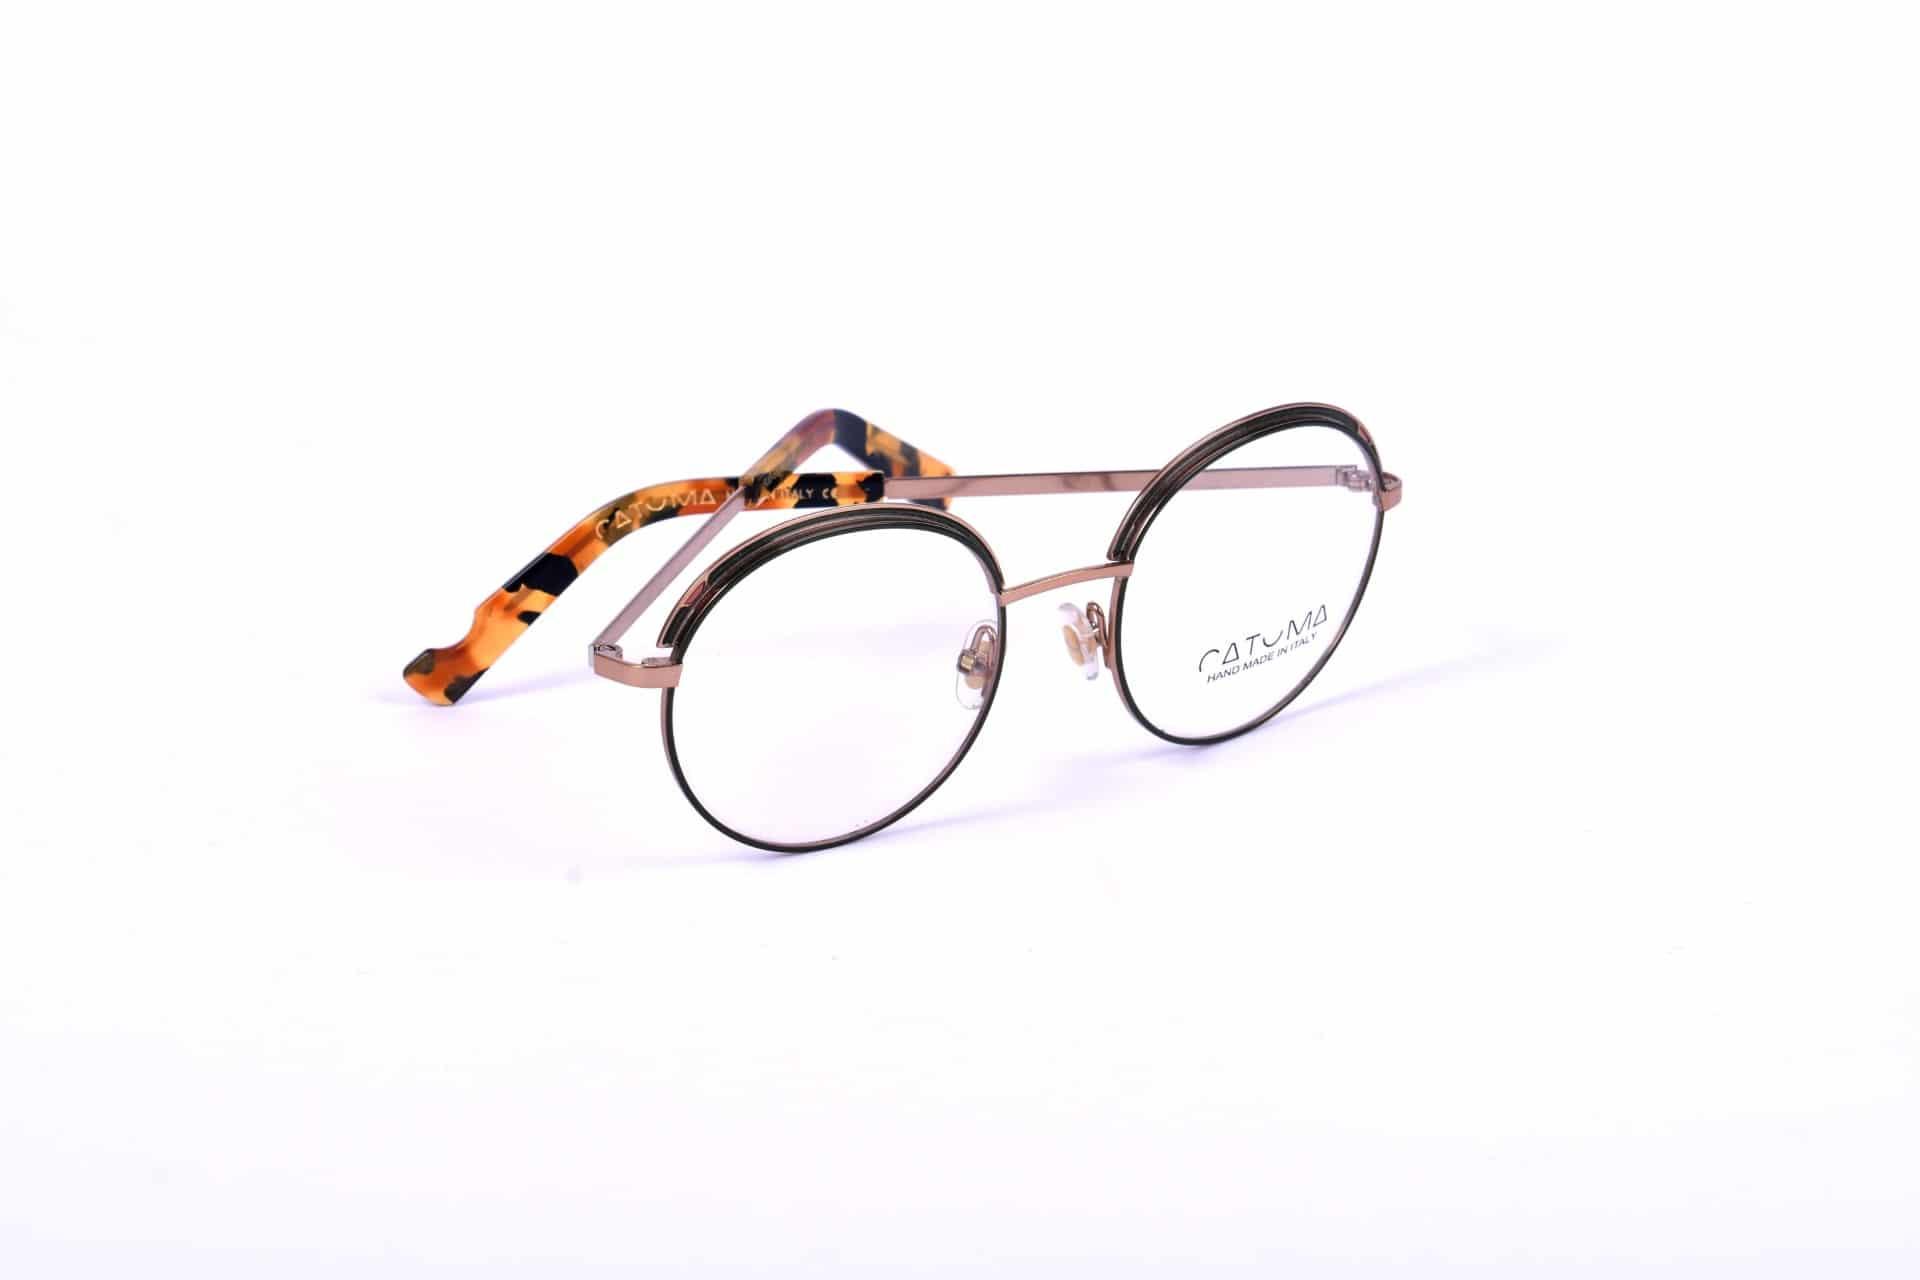 משקפי ראיה יוקרתיות - אופטיקה יפעת, בדיקת אופטומטריסט בנתניה